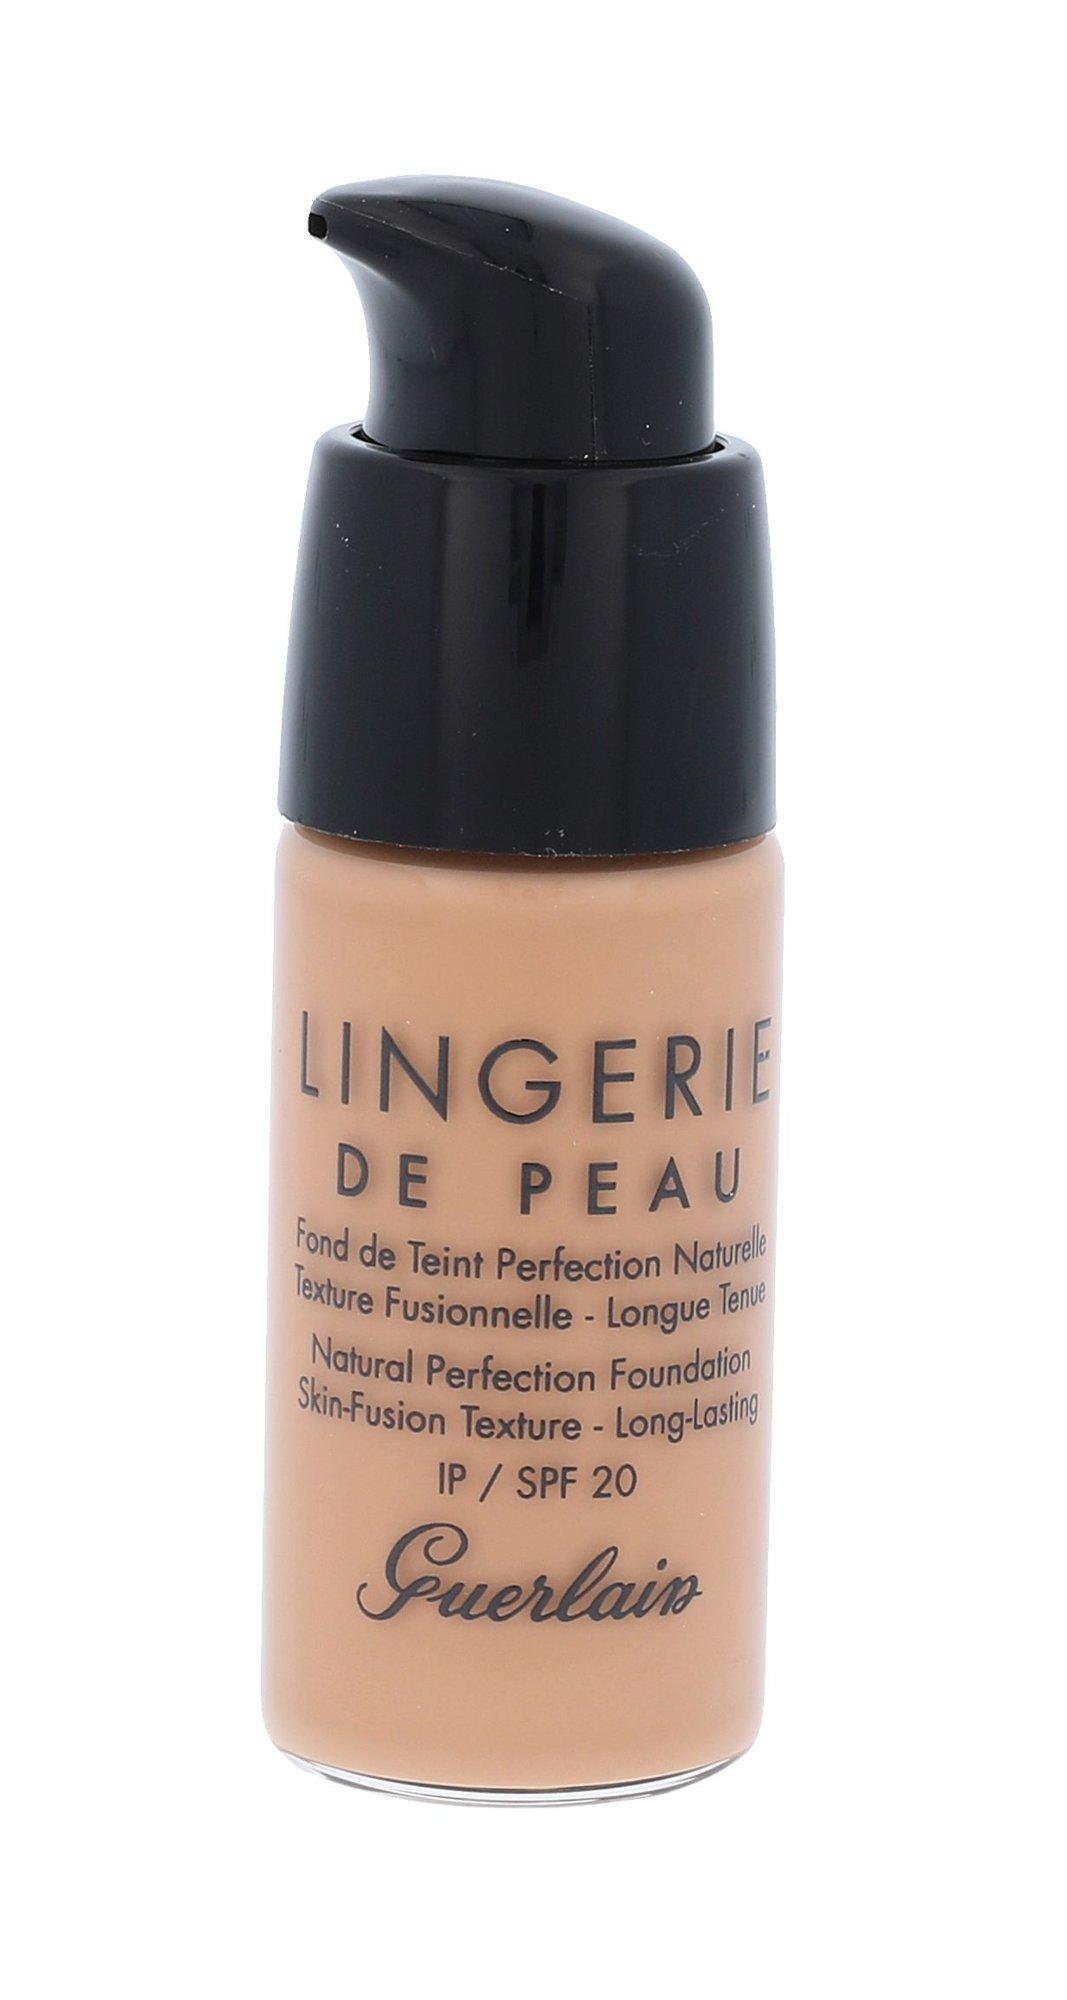 Guerlain Lingerie De Peau Cosmetic 15ml 04N Medium